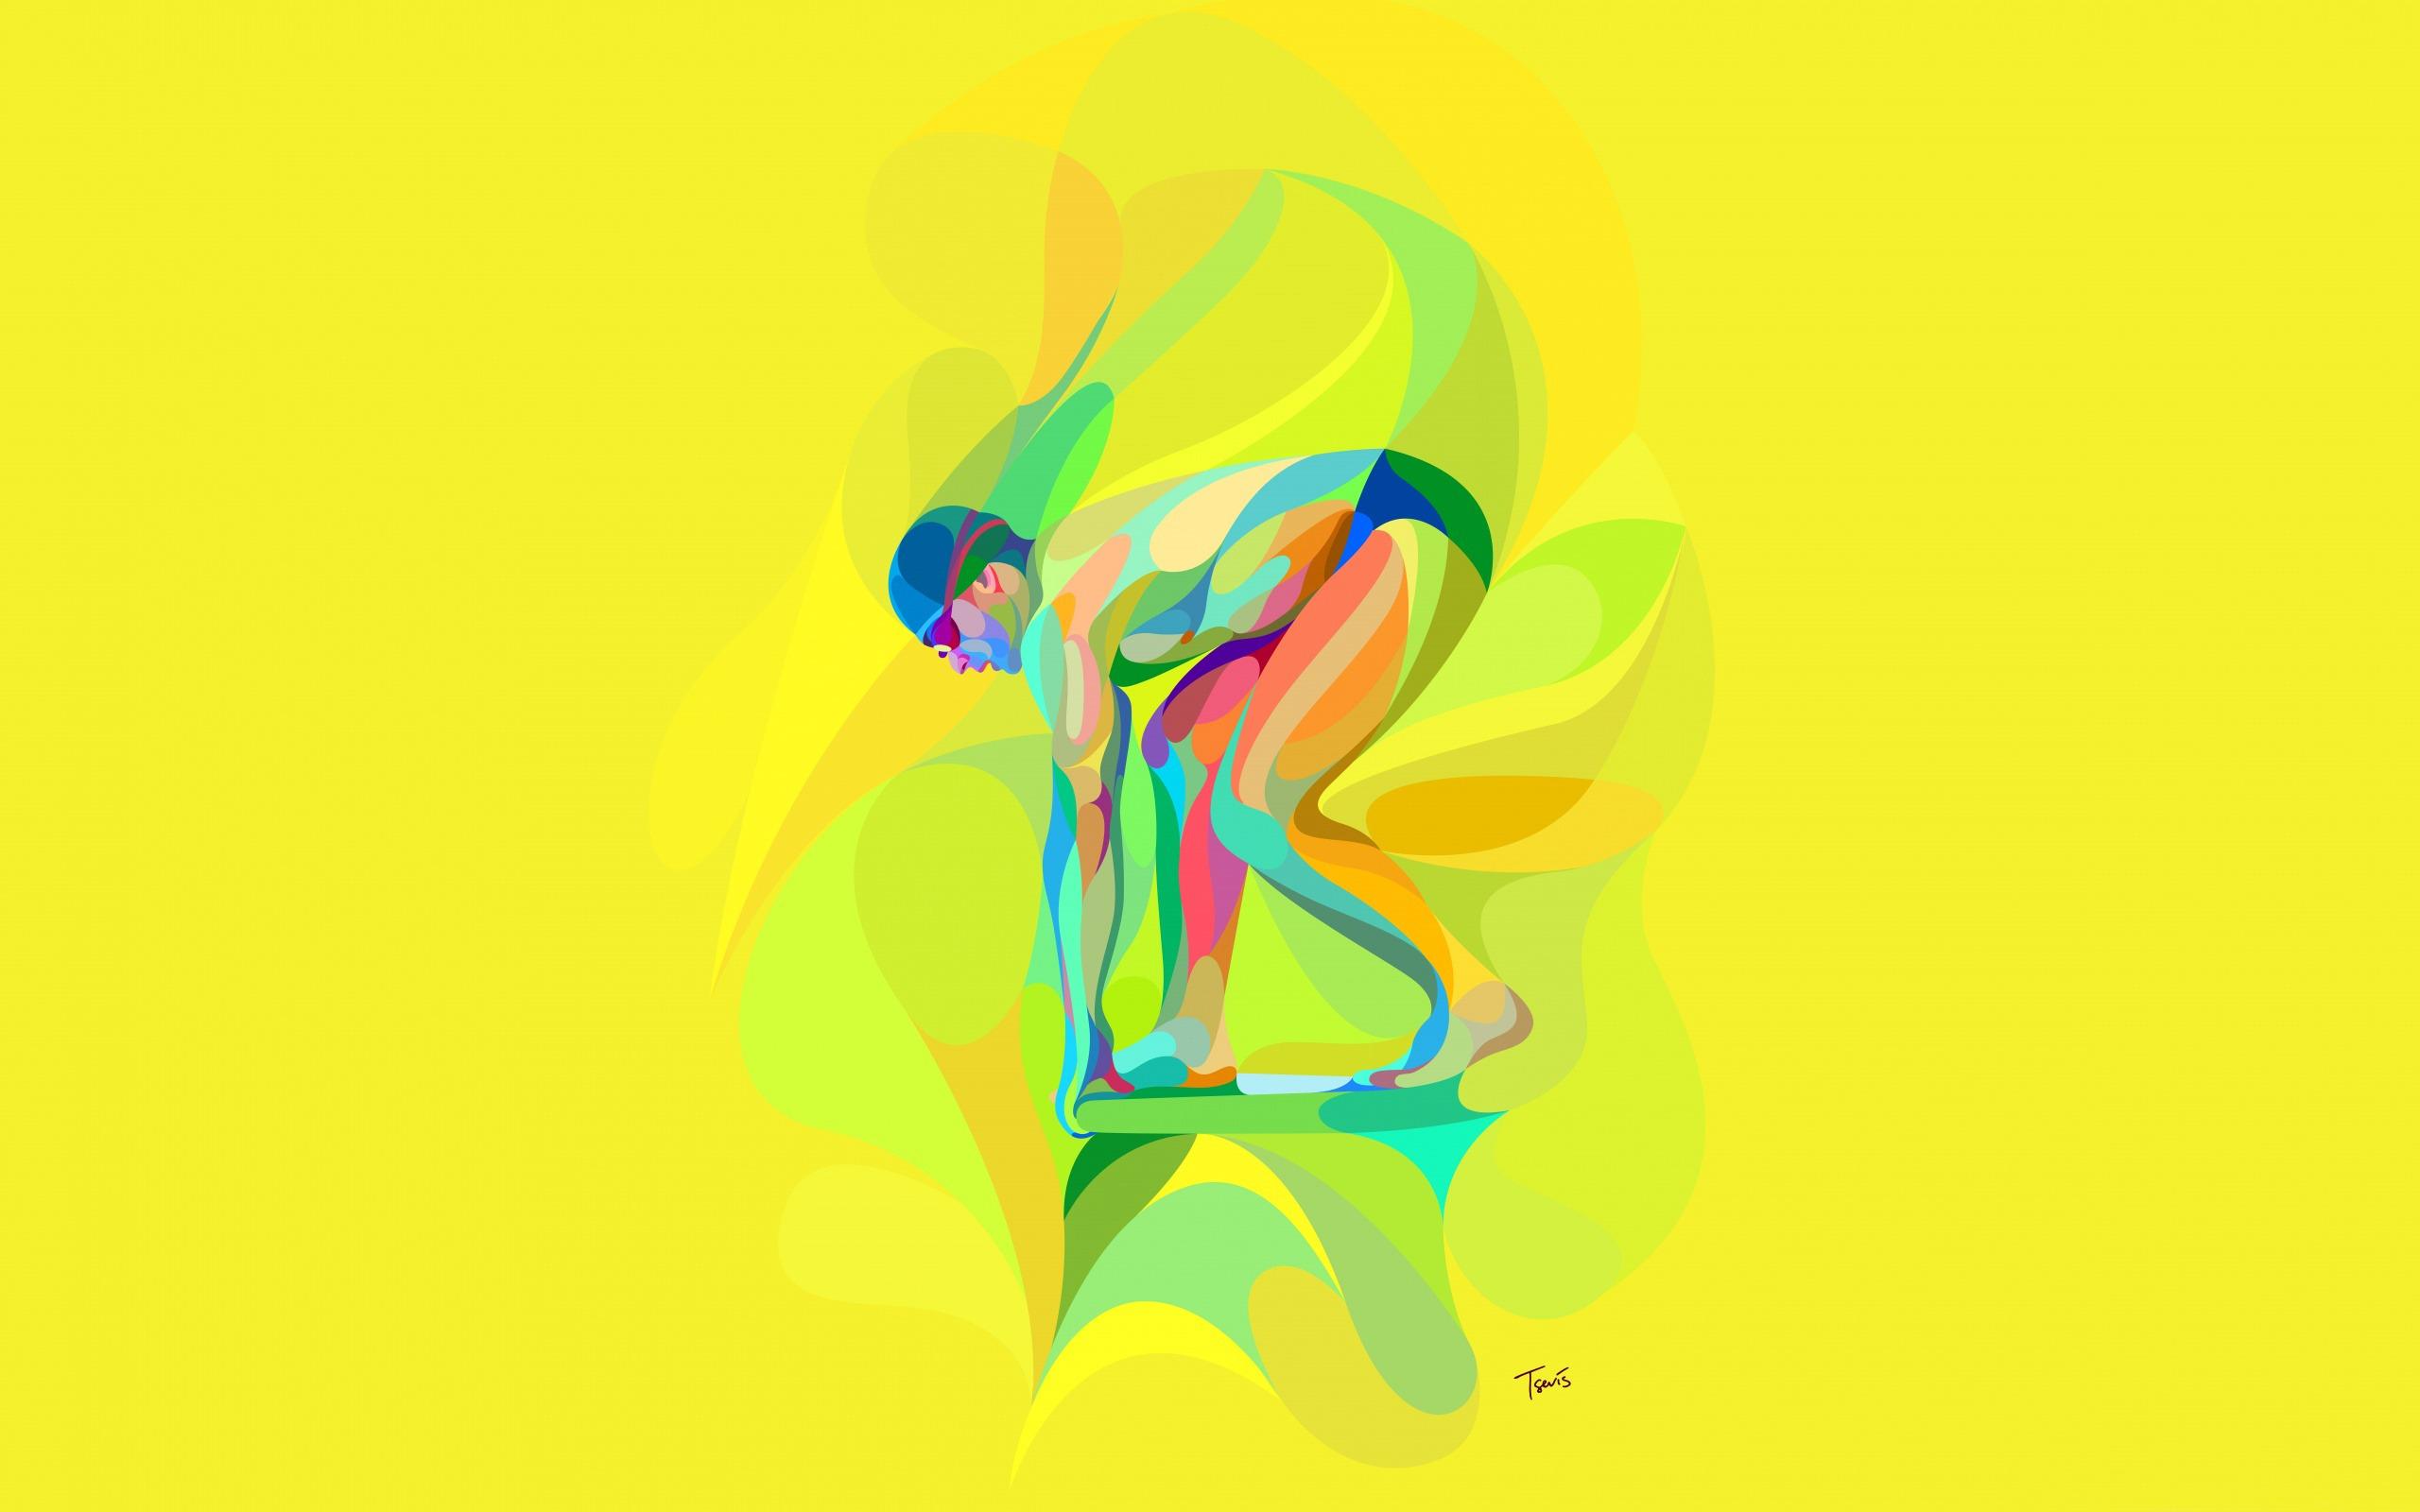 水泳 リオ16年オリンピックのhdの壁紙プレビュー 10wallpaper Com